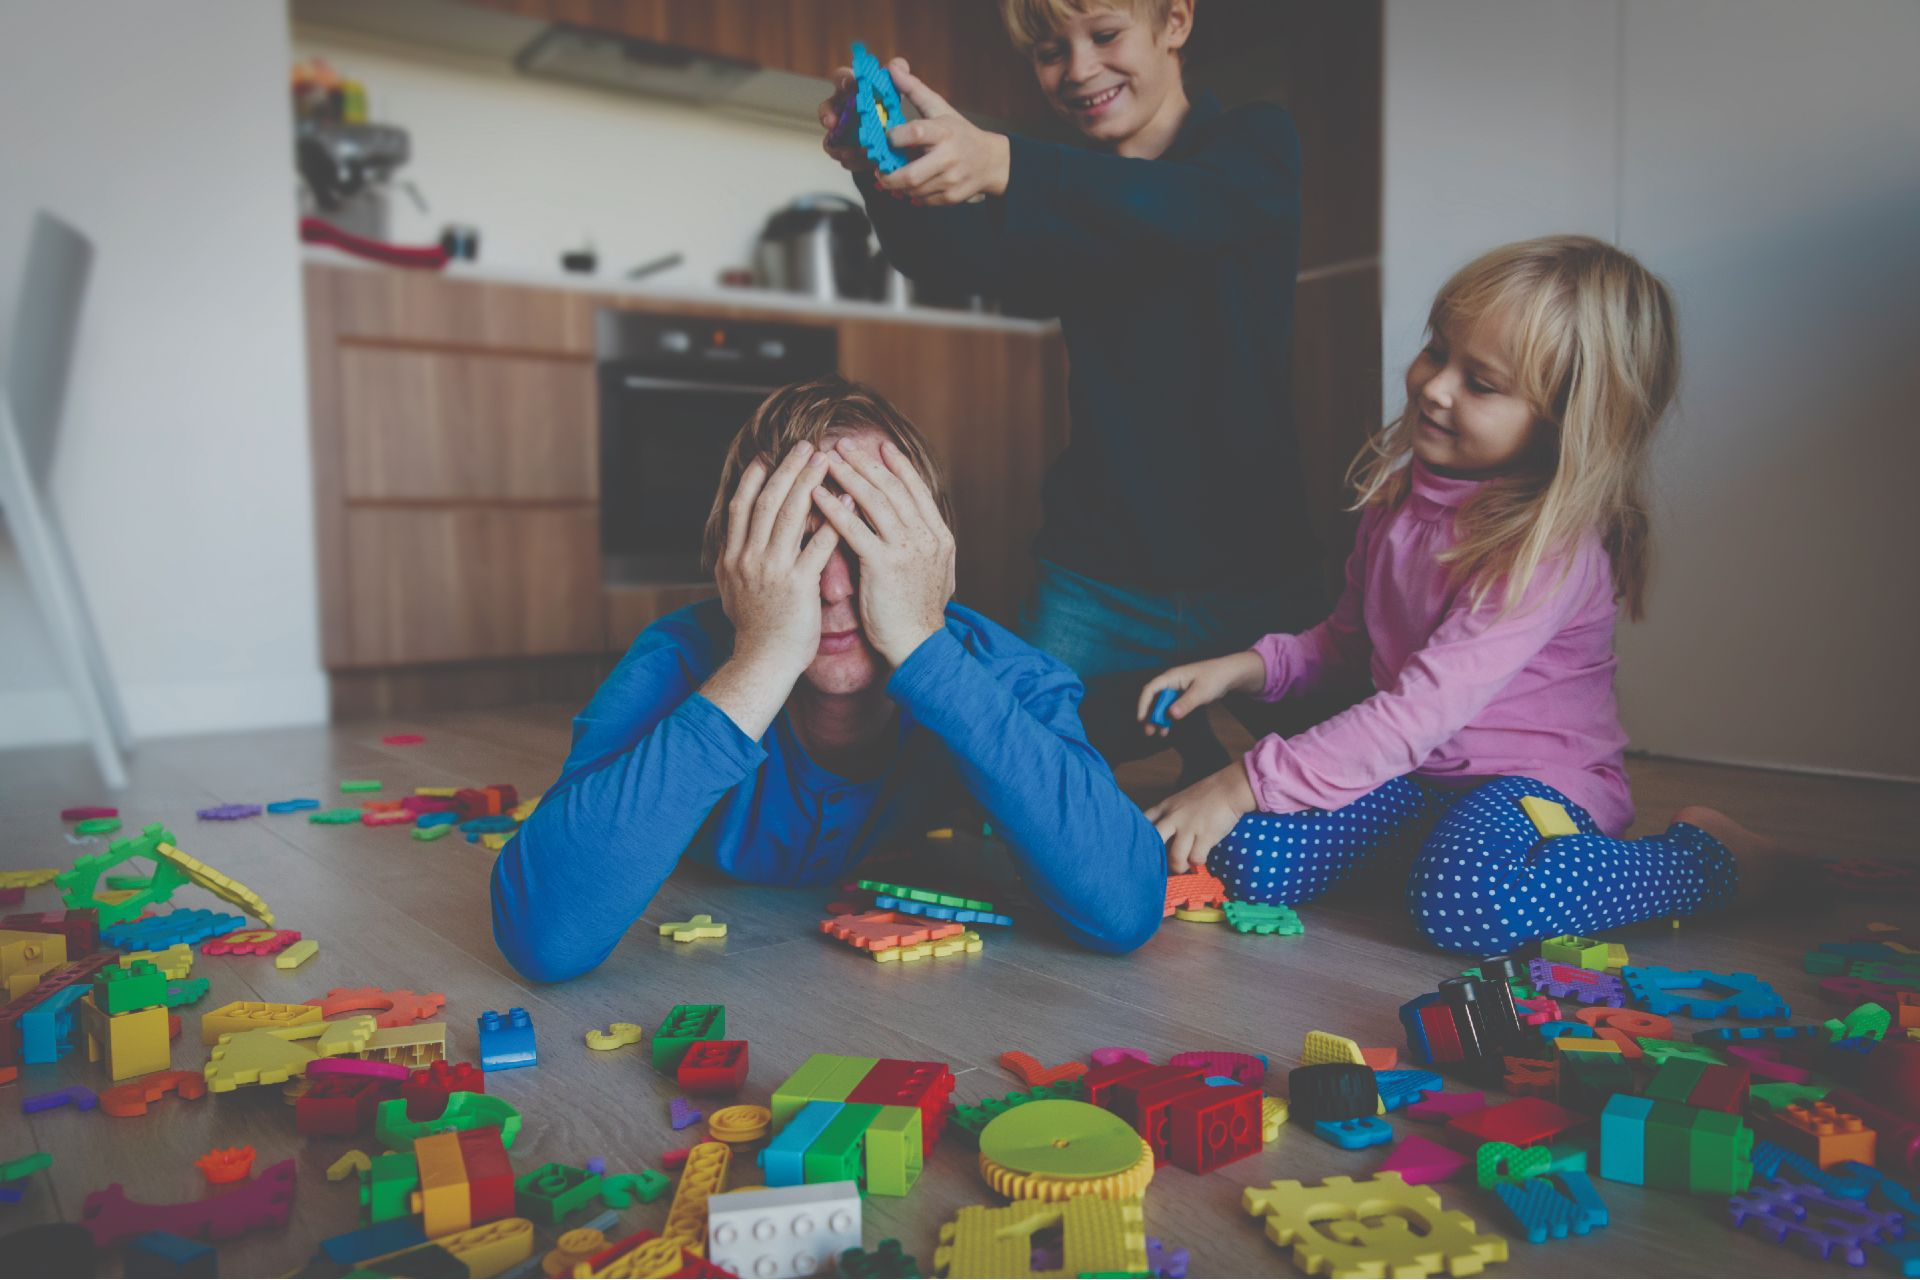 Heeft mijn kind ADHD?: 'We helpen kinderen en ouders omgaan met gedragingen, zonder label ADHD'